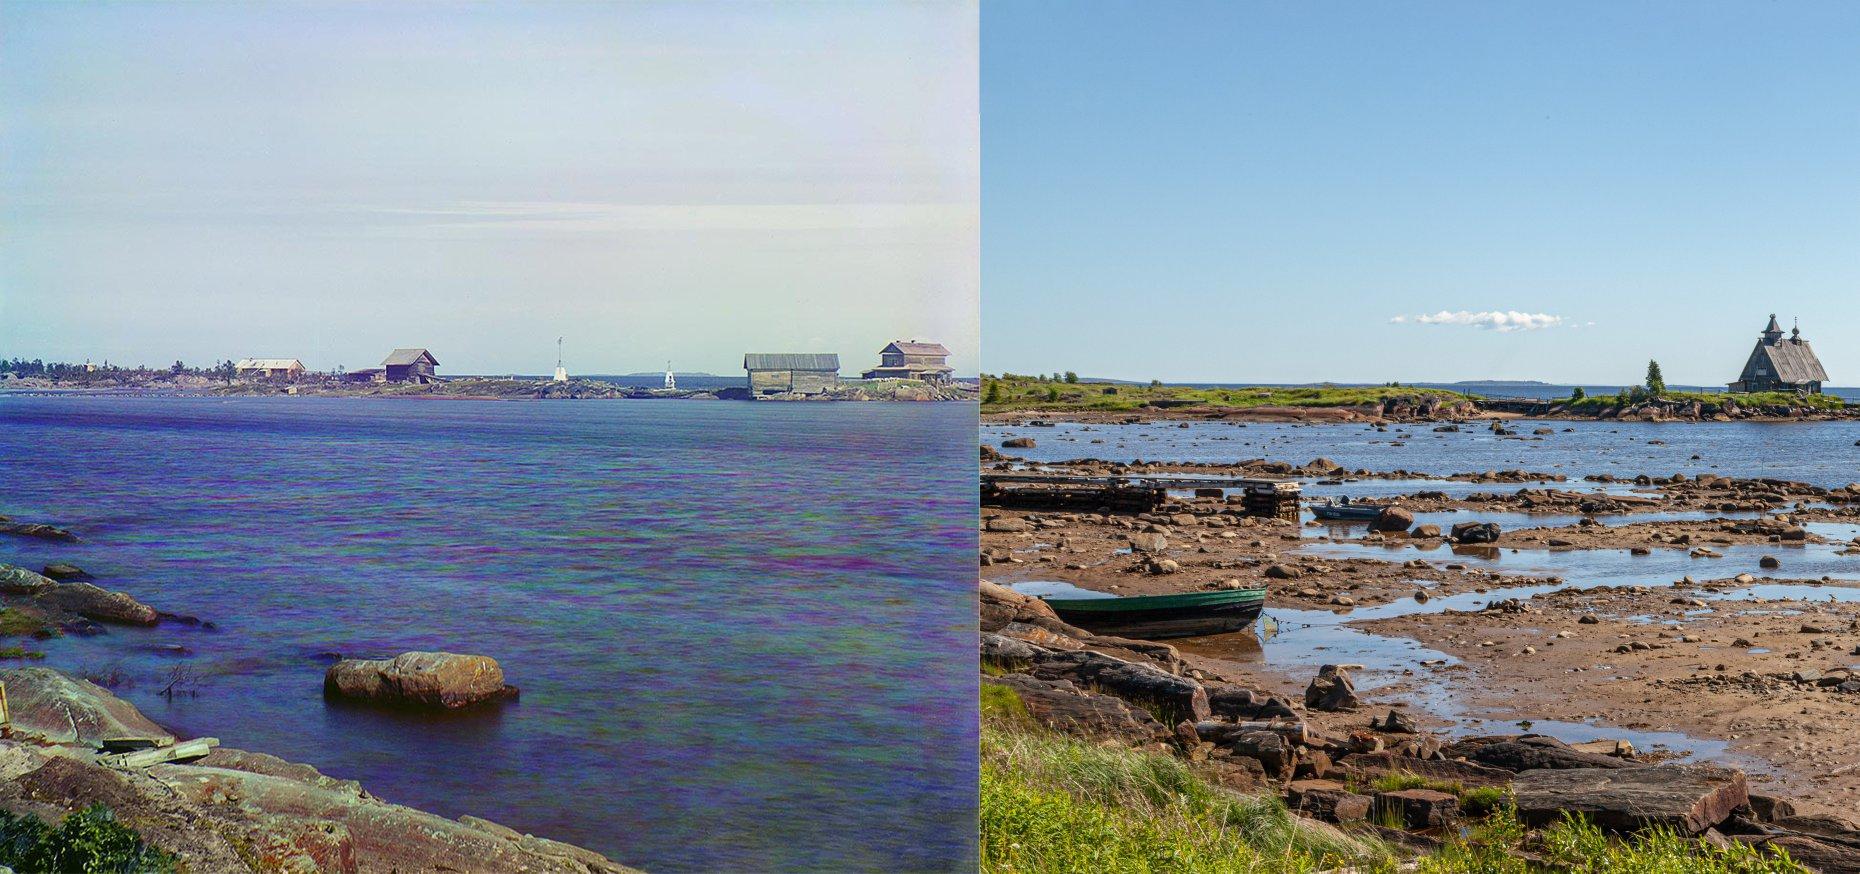 Вид на остров с берега. Вид на Монастырскую луду на острове Попов. 1916-2012 Георгий Башкин